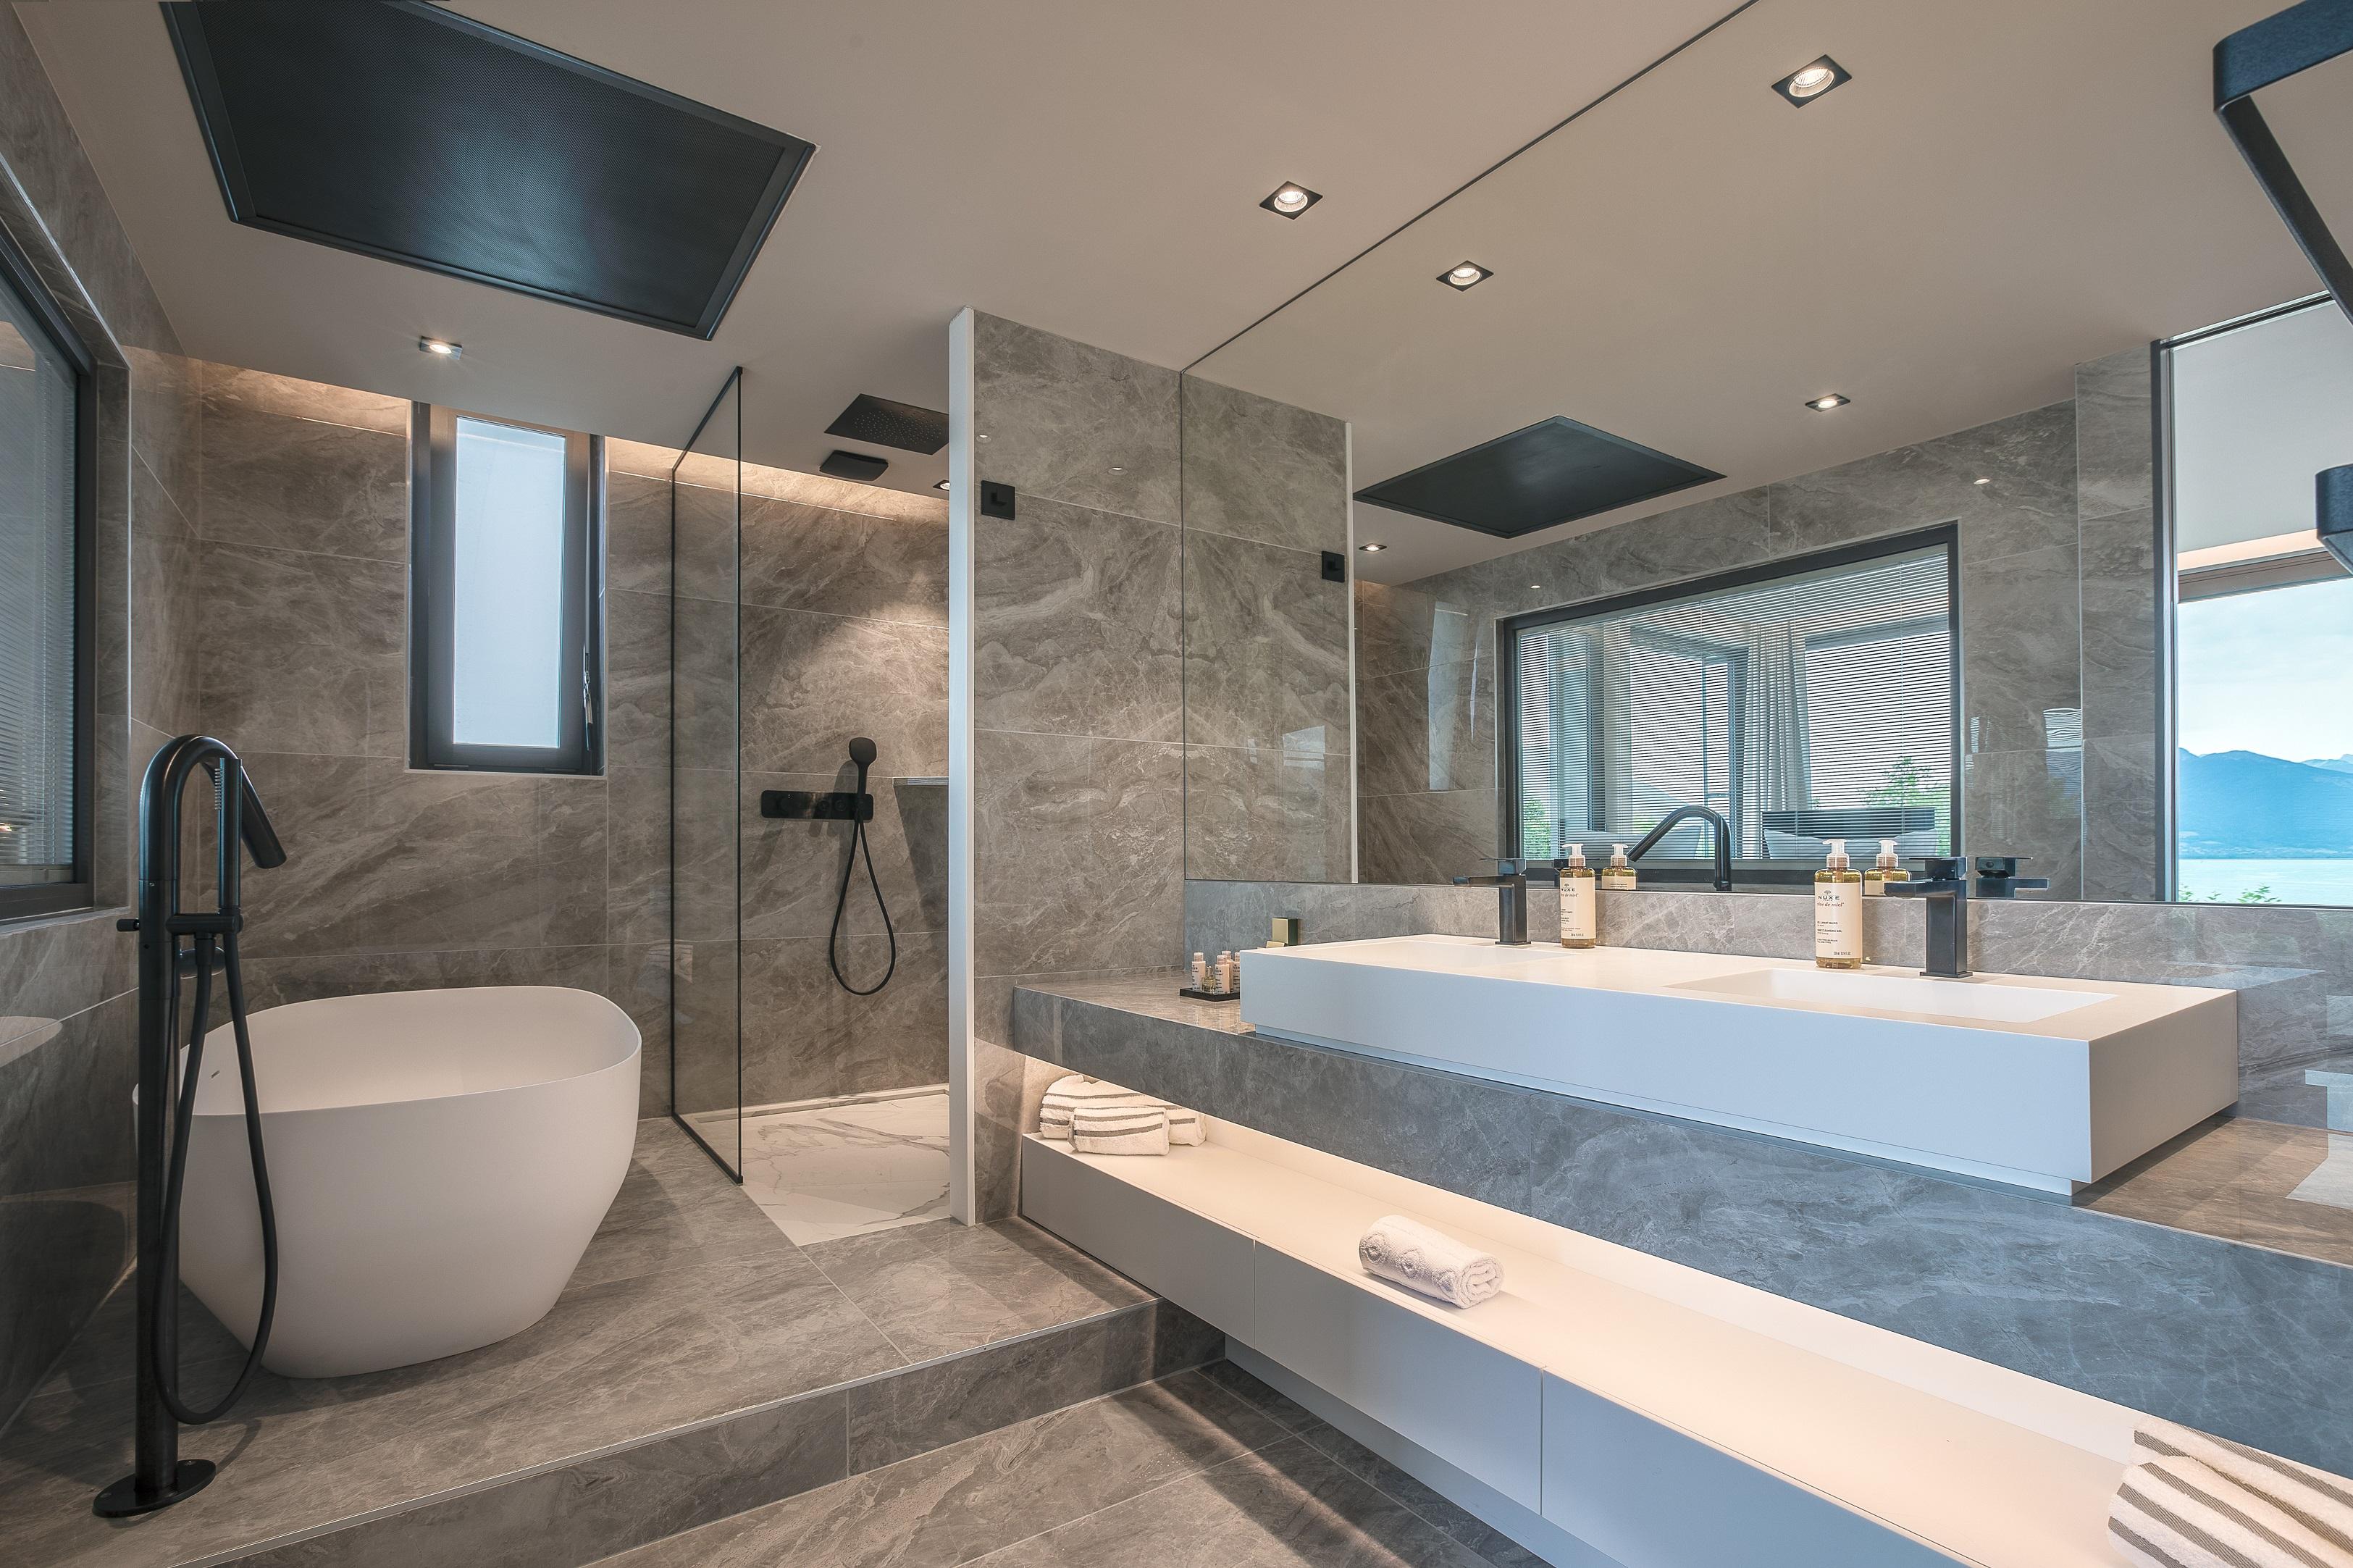 Salle de bain en marbre de l'Hôtel Rivage avec vue sur le lac d'Annecy